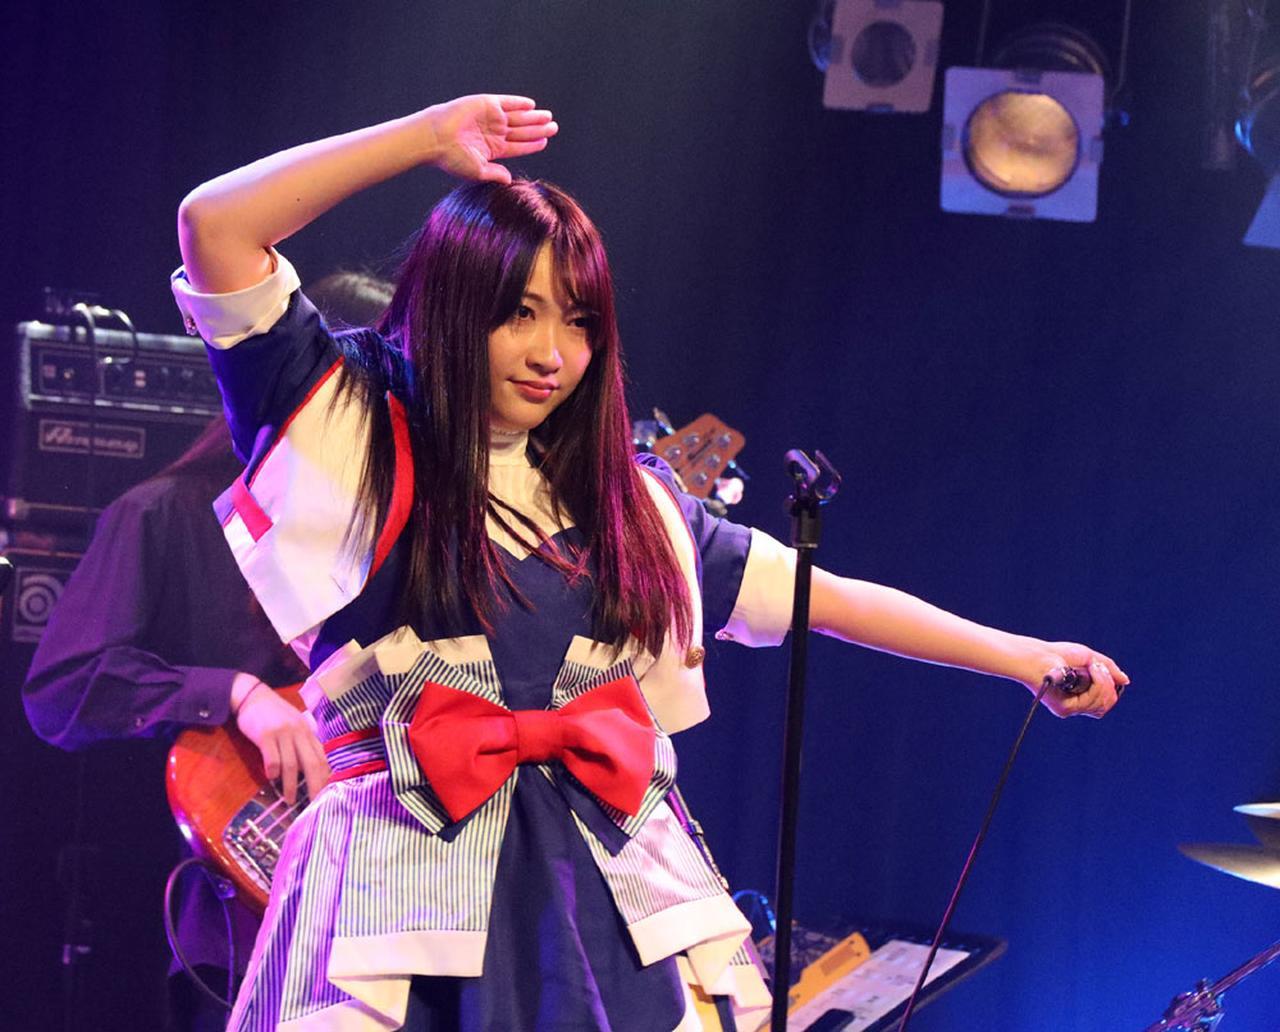 Images : 8番目の画像 - 「ミライスカートバンド/初東京ワンマン公演が大成功。5人一体となった白熱のステージでオーディエンスを魅了」のアルバム - Stereo Sound ONLINE